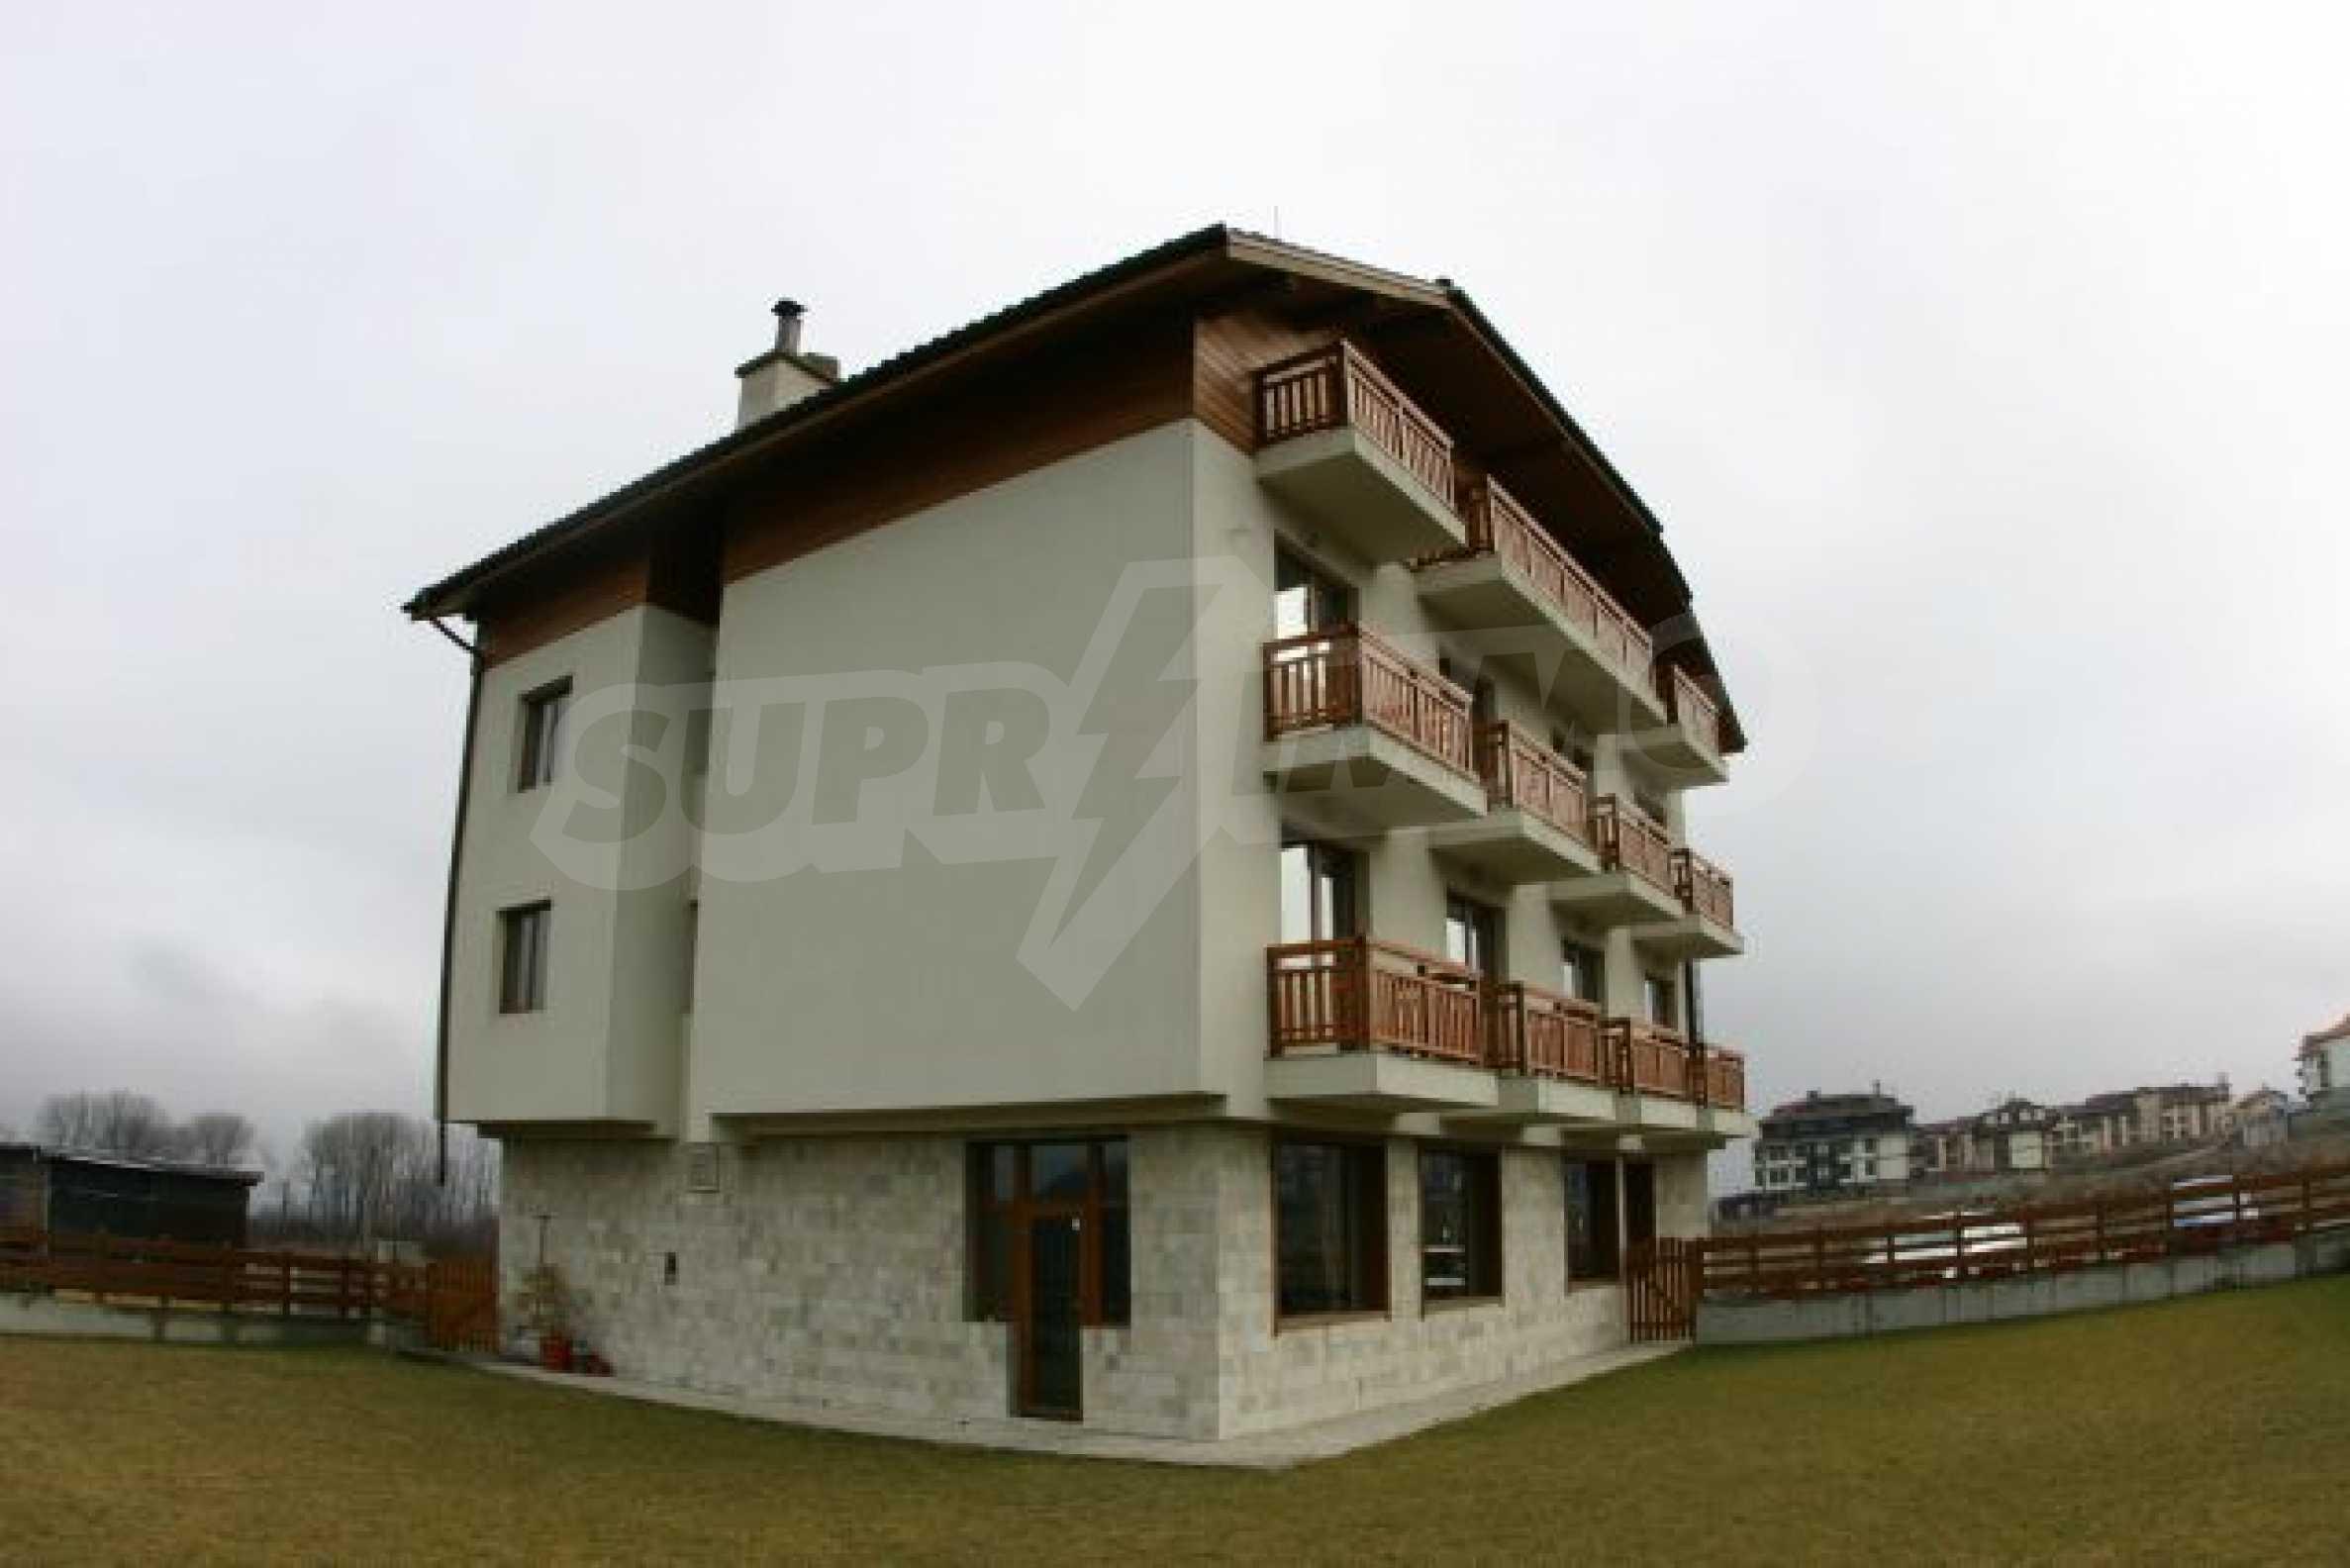 Елегантен хотел за продажба в ски курорта Банско